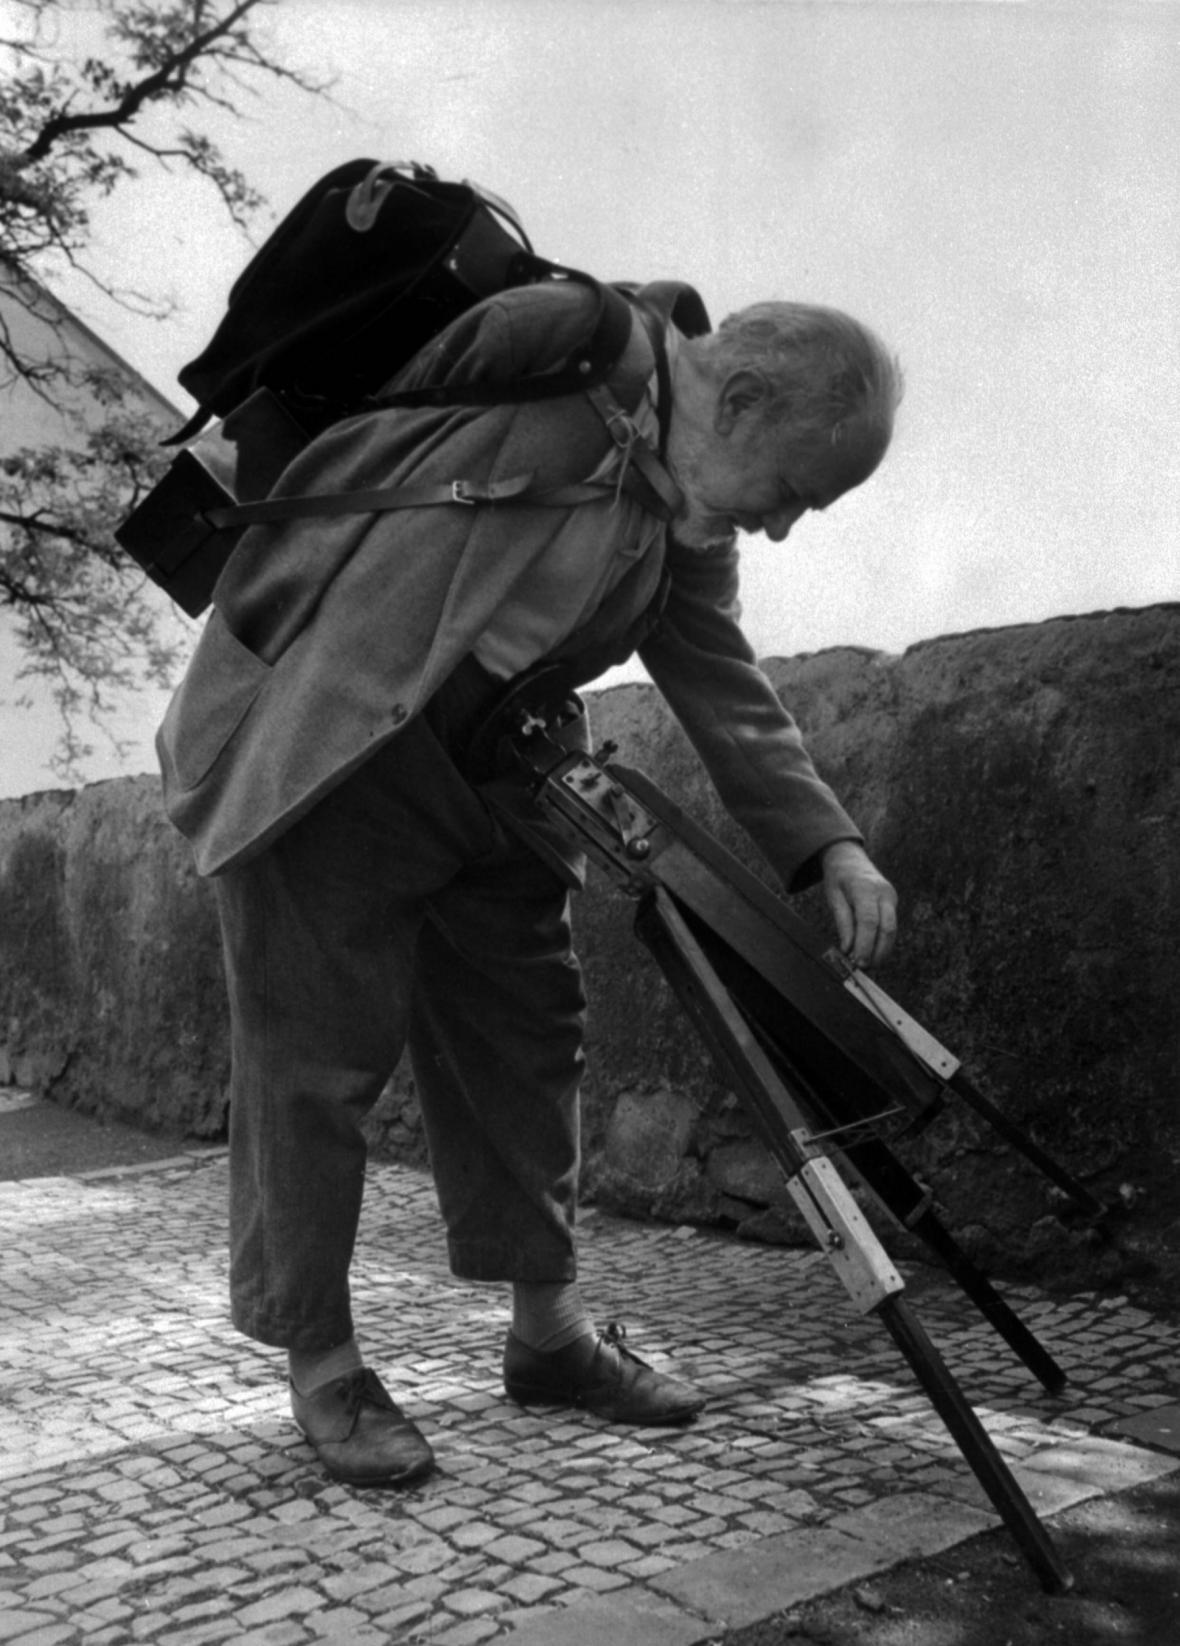 Fotograf Josef Sudek při vyvolávání filmu v jeho ateliéru na pražském Újezdě na snímku z roku 1956. Sudek fotografoval zásadně velkoformátovou kamerou